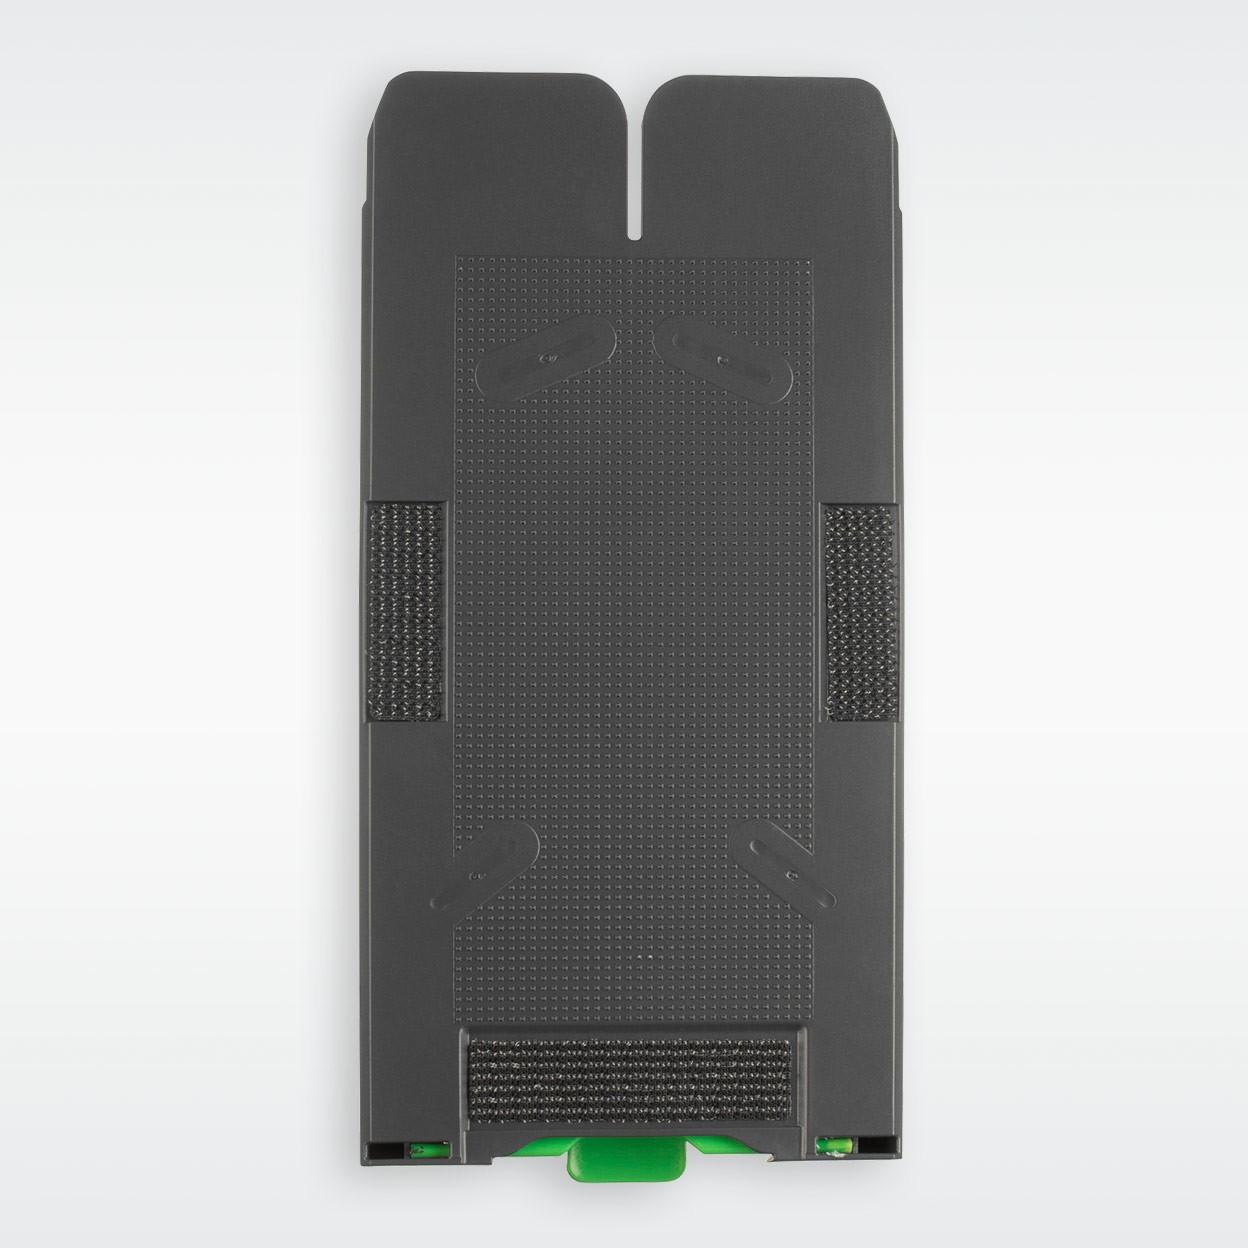 sp530 cloth tray vorwerk vacuum cleaner from vk direct kobold. Black Bedroom Furniture Sets. Home Design Ideas